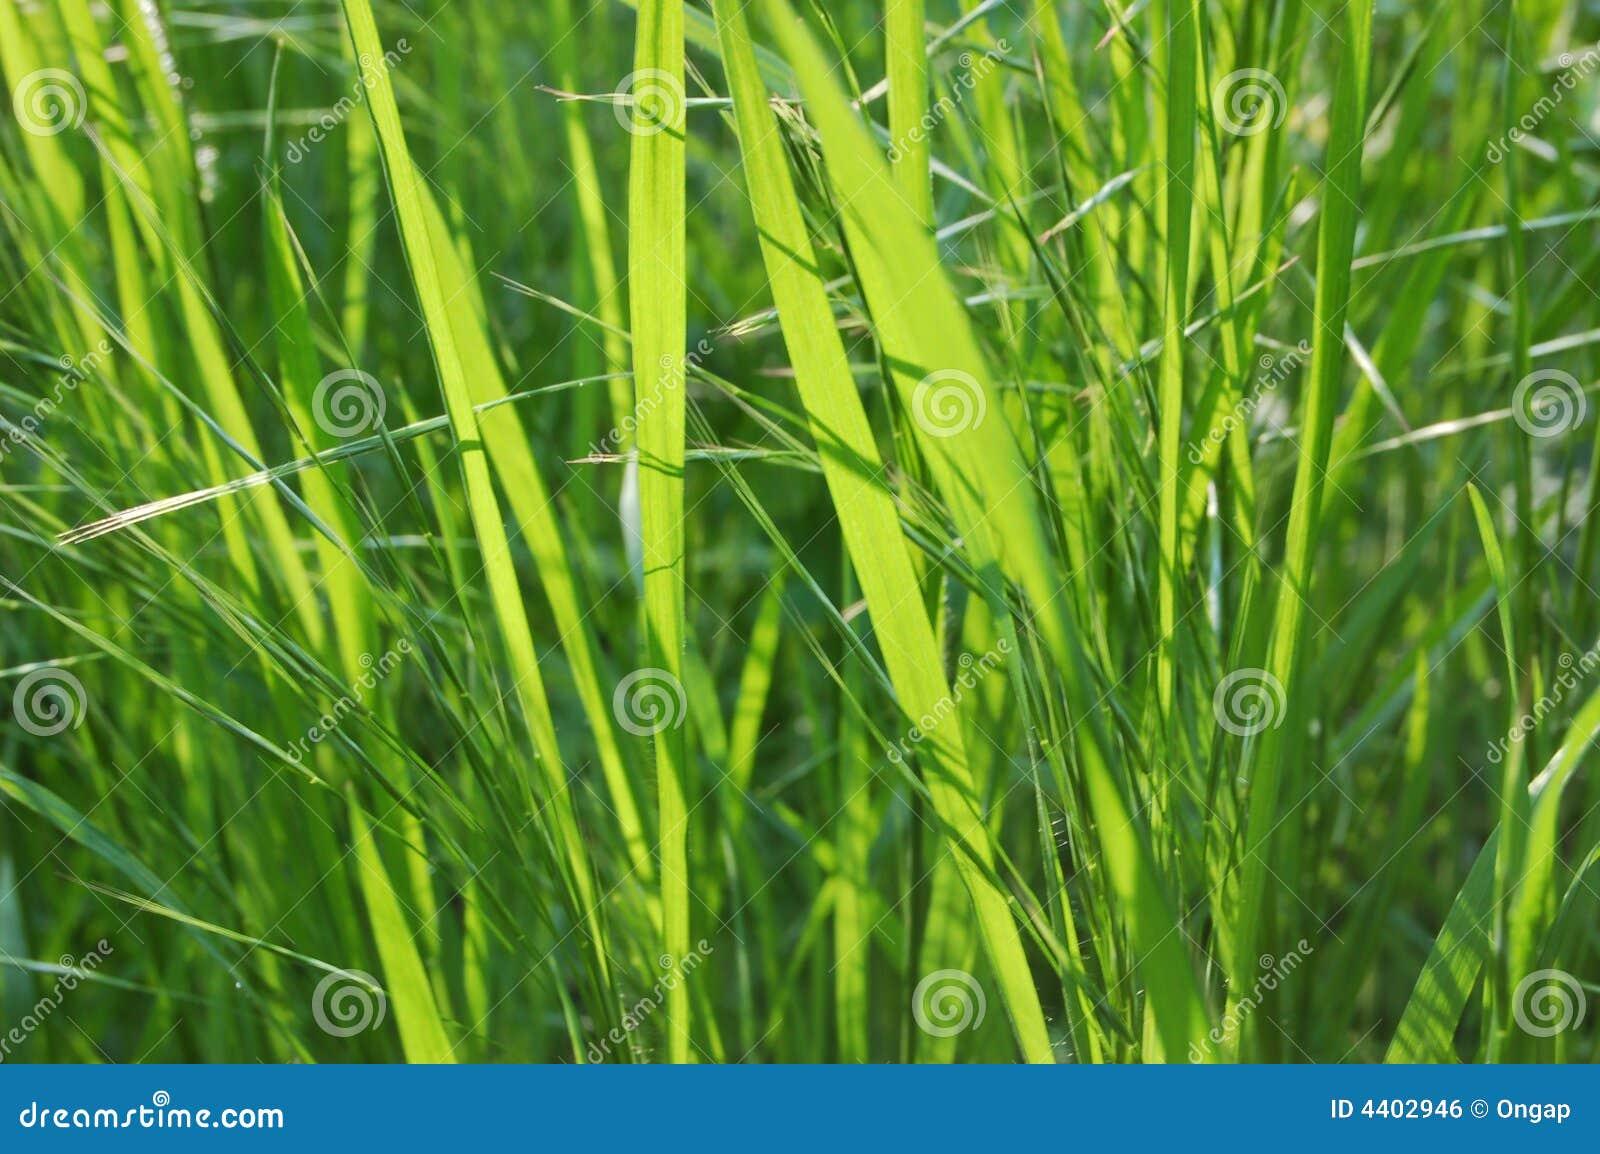 Inheems-grassen